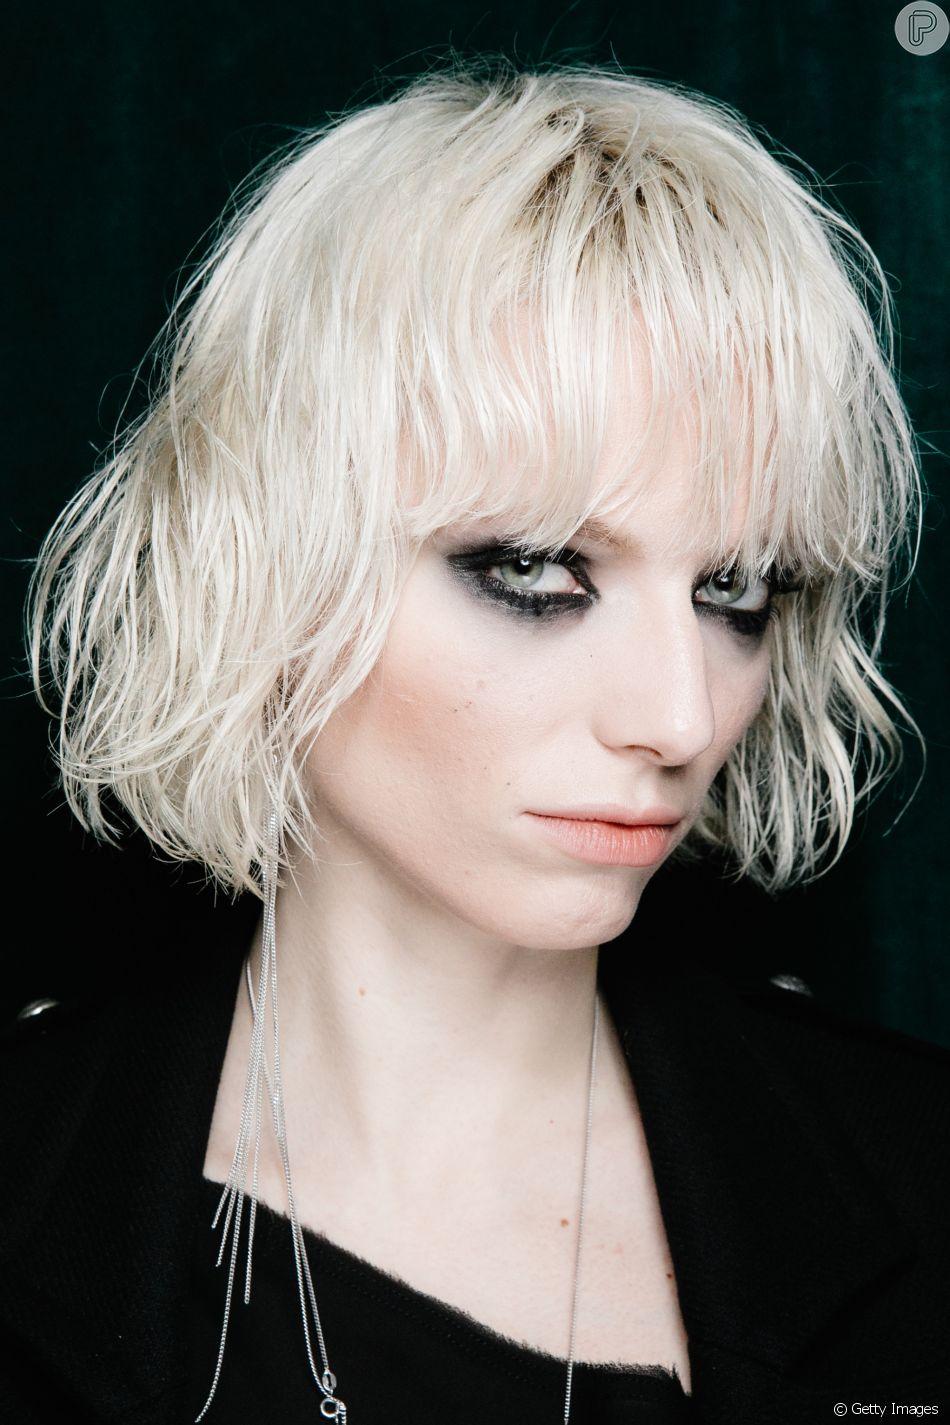 Milão Fashion Week: tendências de beleza com olhos marcados + cabelo curtinho